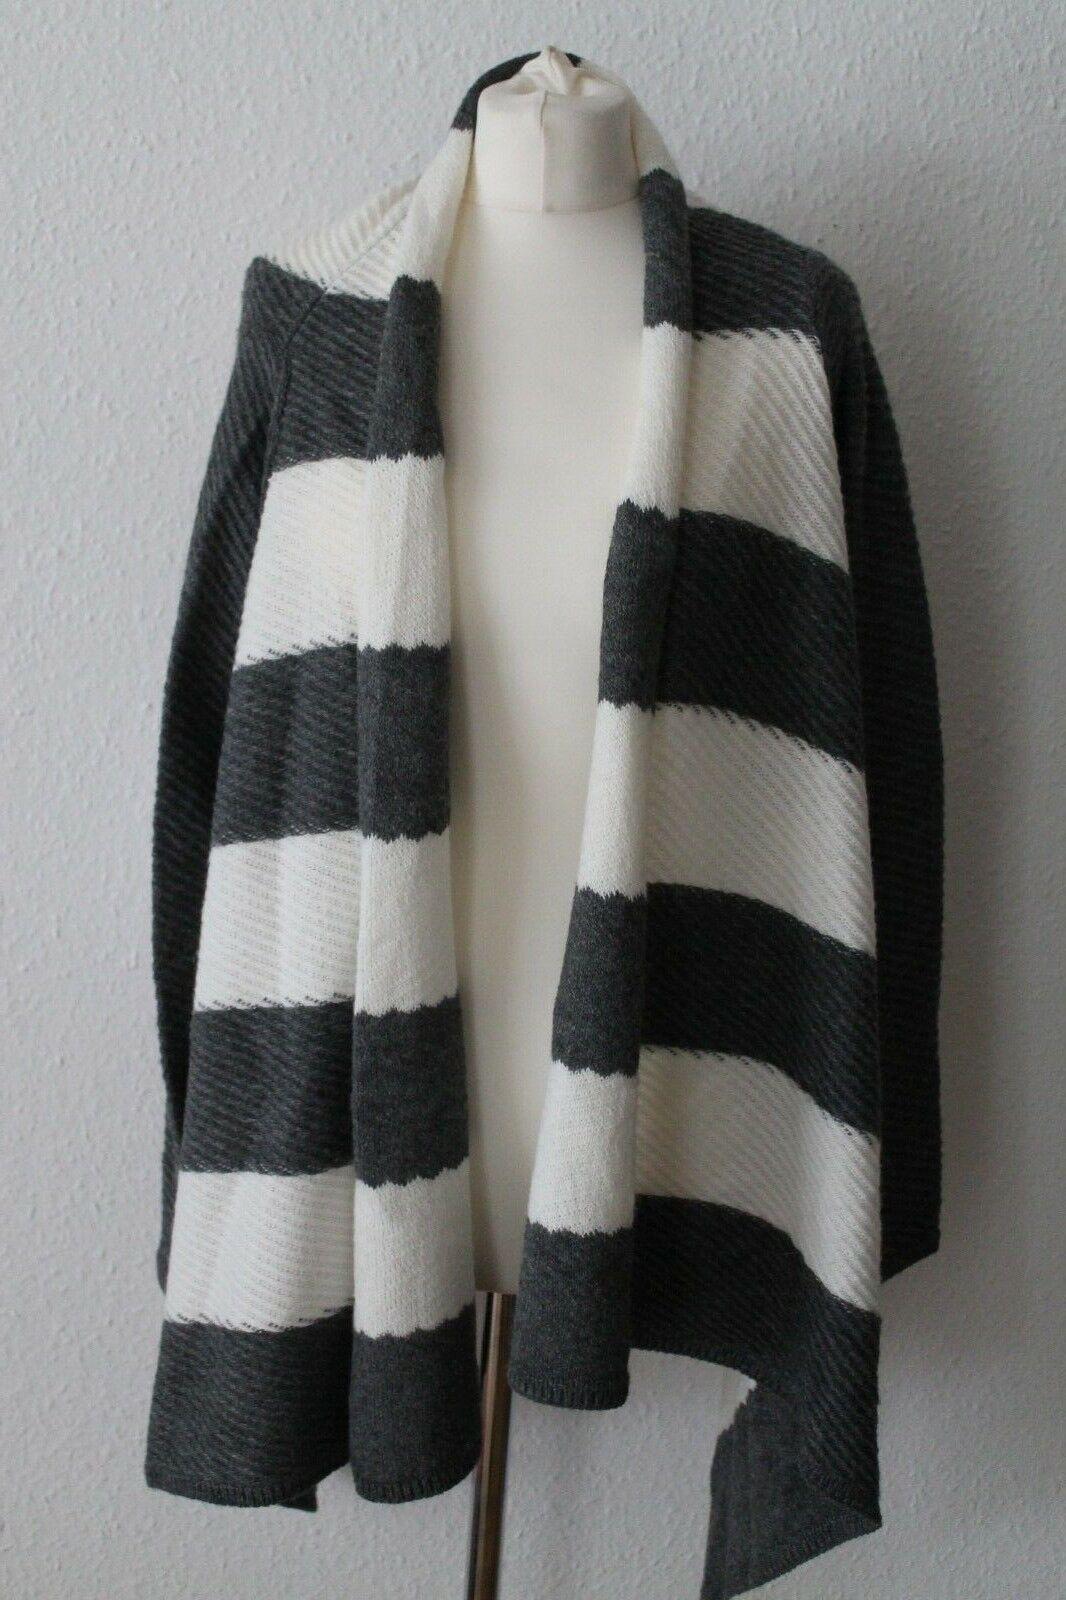 Maria Kretschmer Poncho Cardigan Weste impression Heine Luxus Gr.44 46 Grau weiß | Sale Online Shop